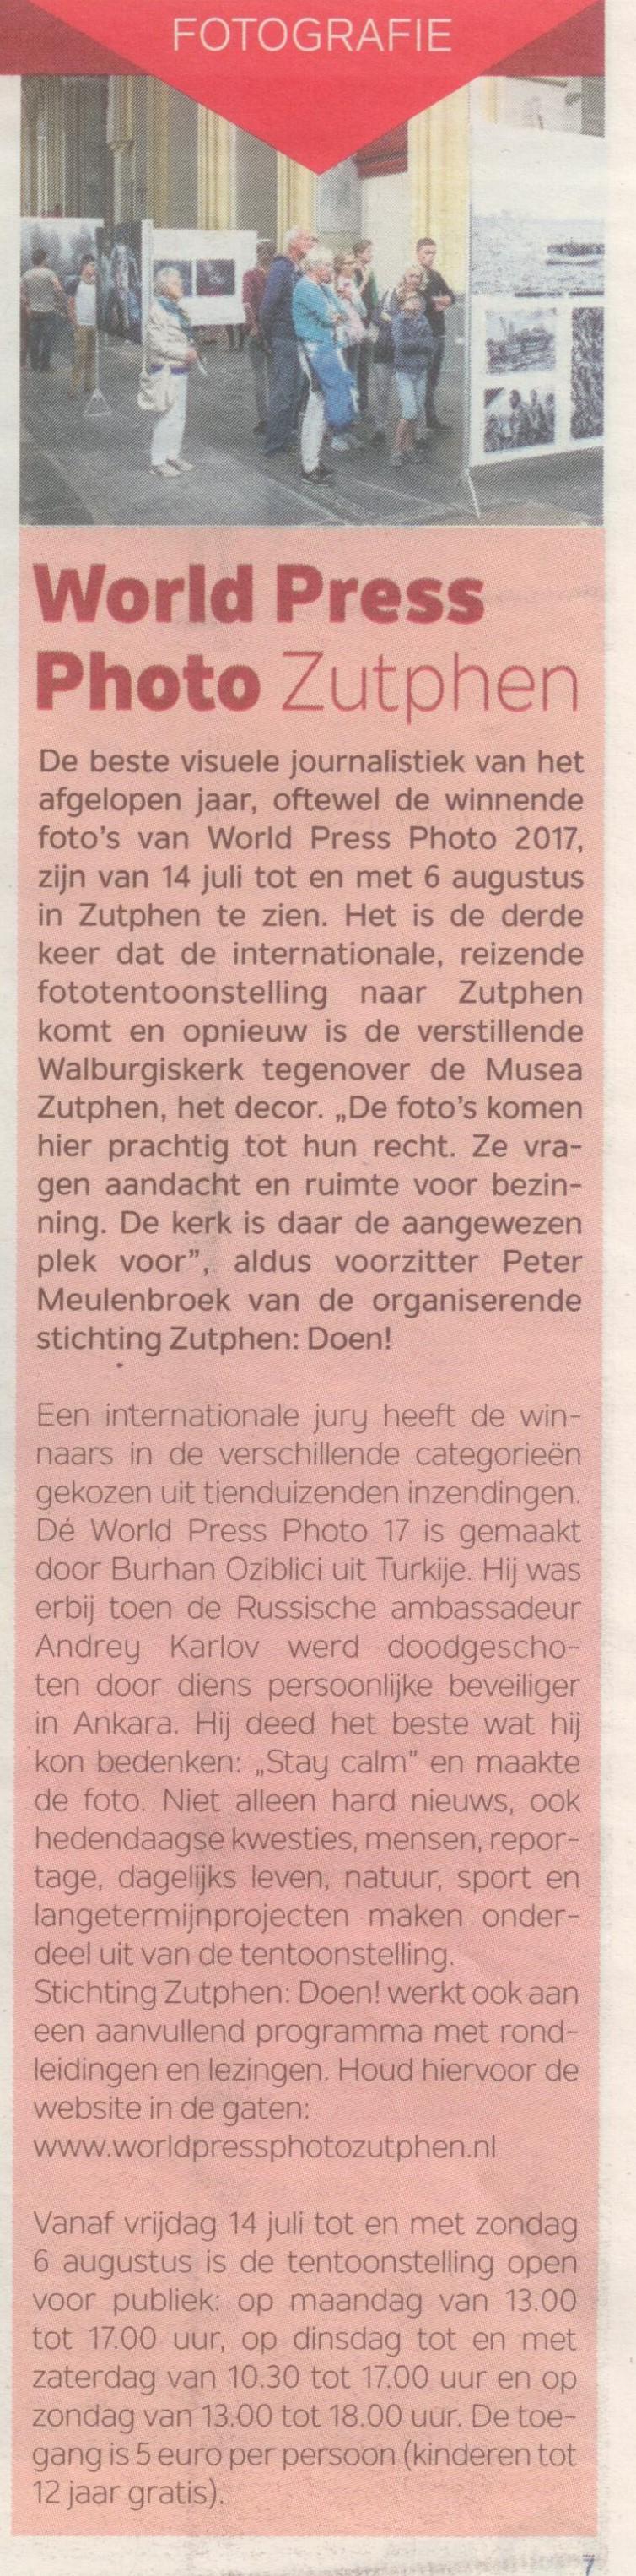 1705 Magazine Musea Zutphen